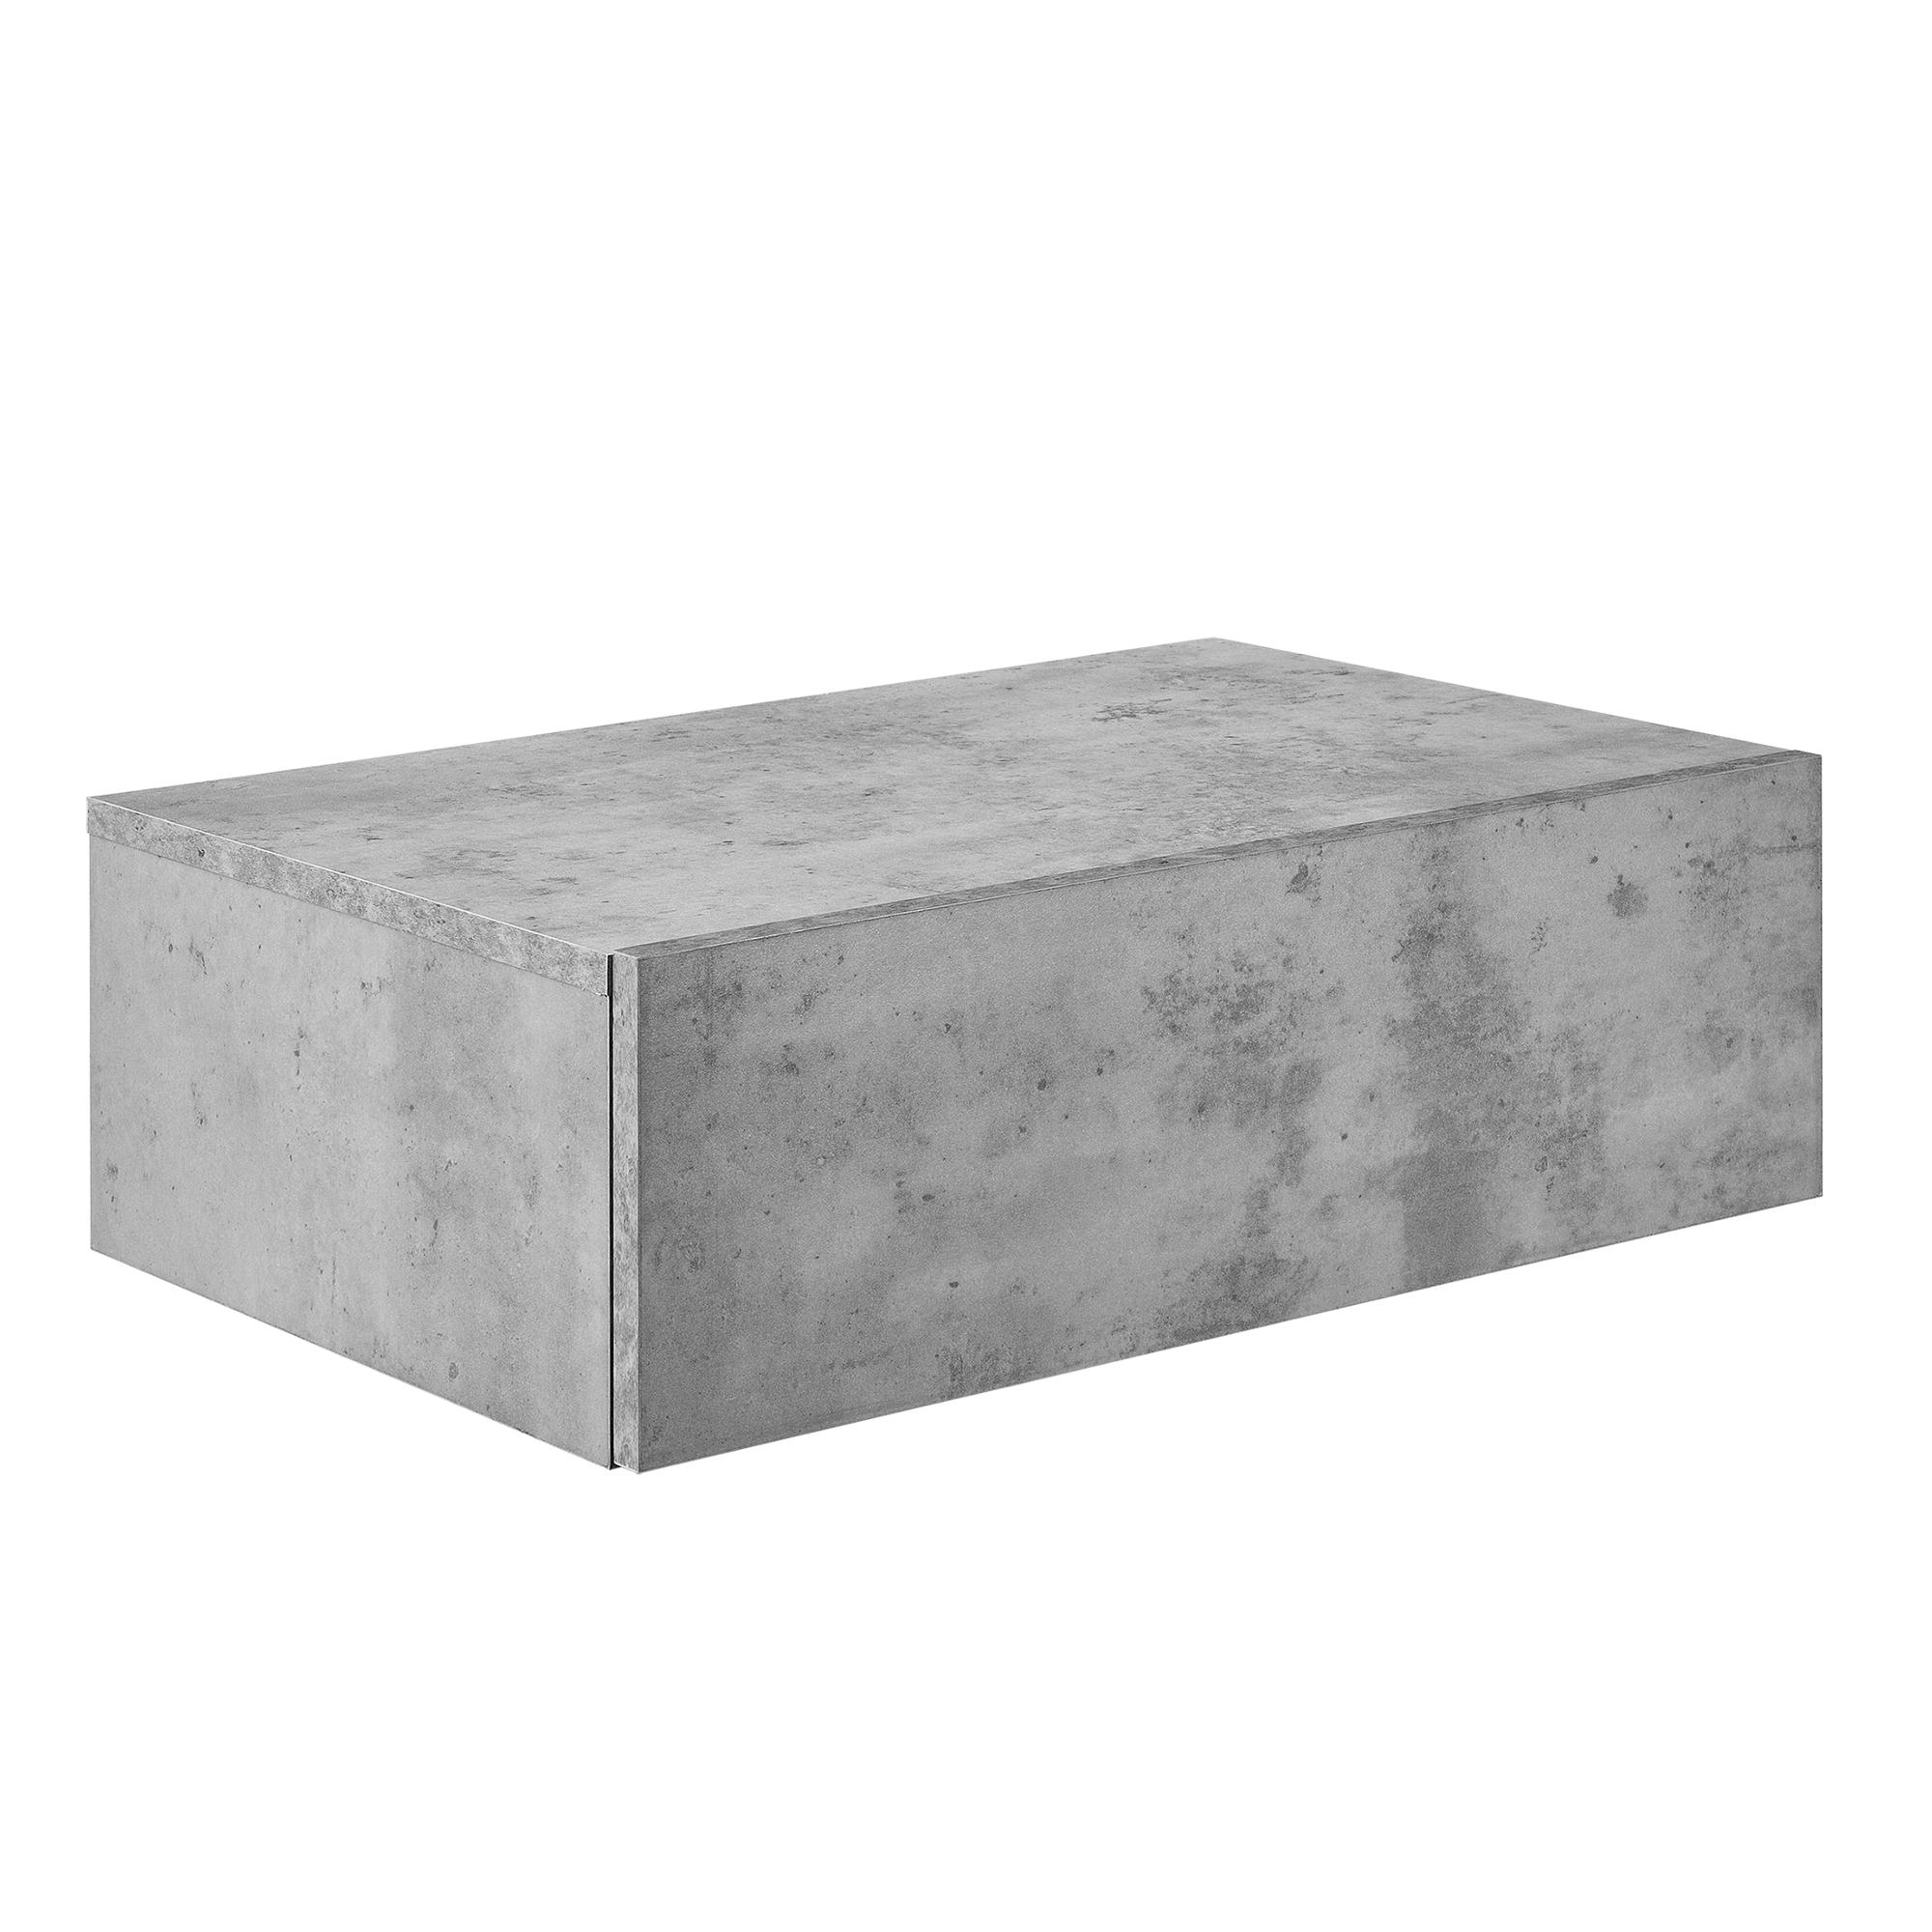 nachttisch beton tisch nachtschrank. Black Bedroom Furniture Sets. Home Design Ideas